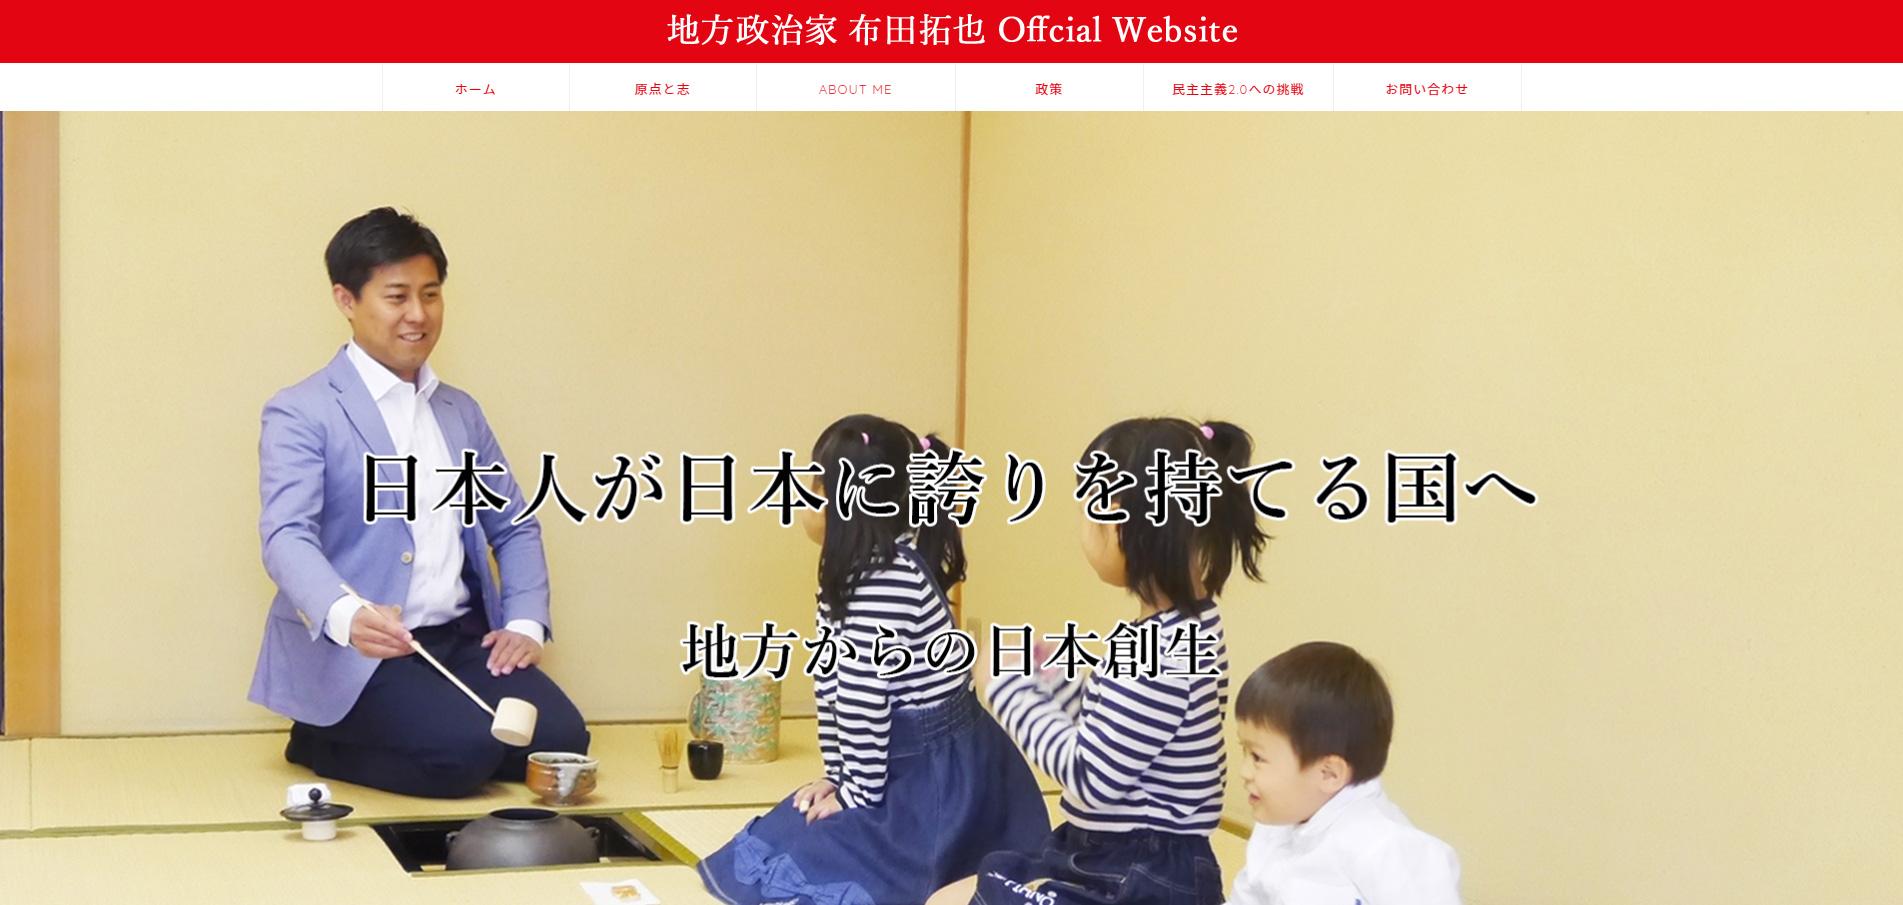 布田拓也オフィシャルサイト